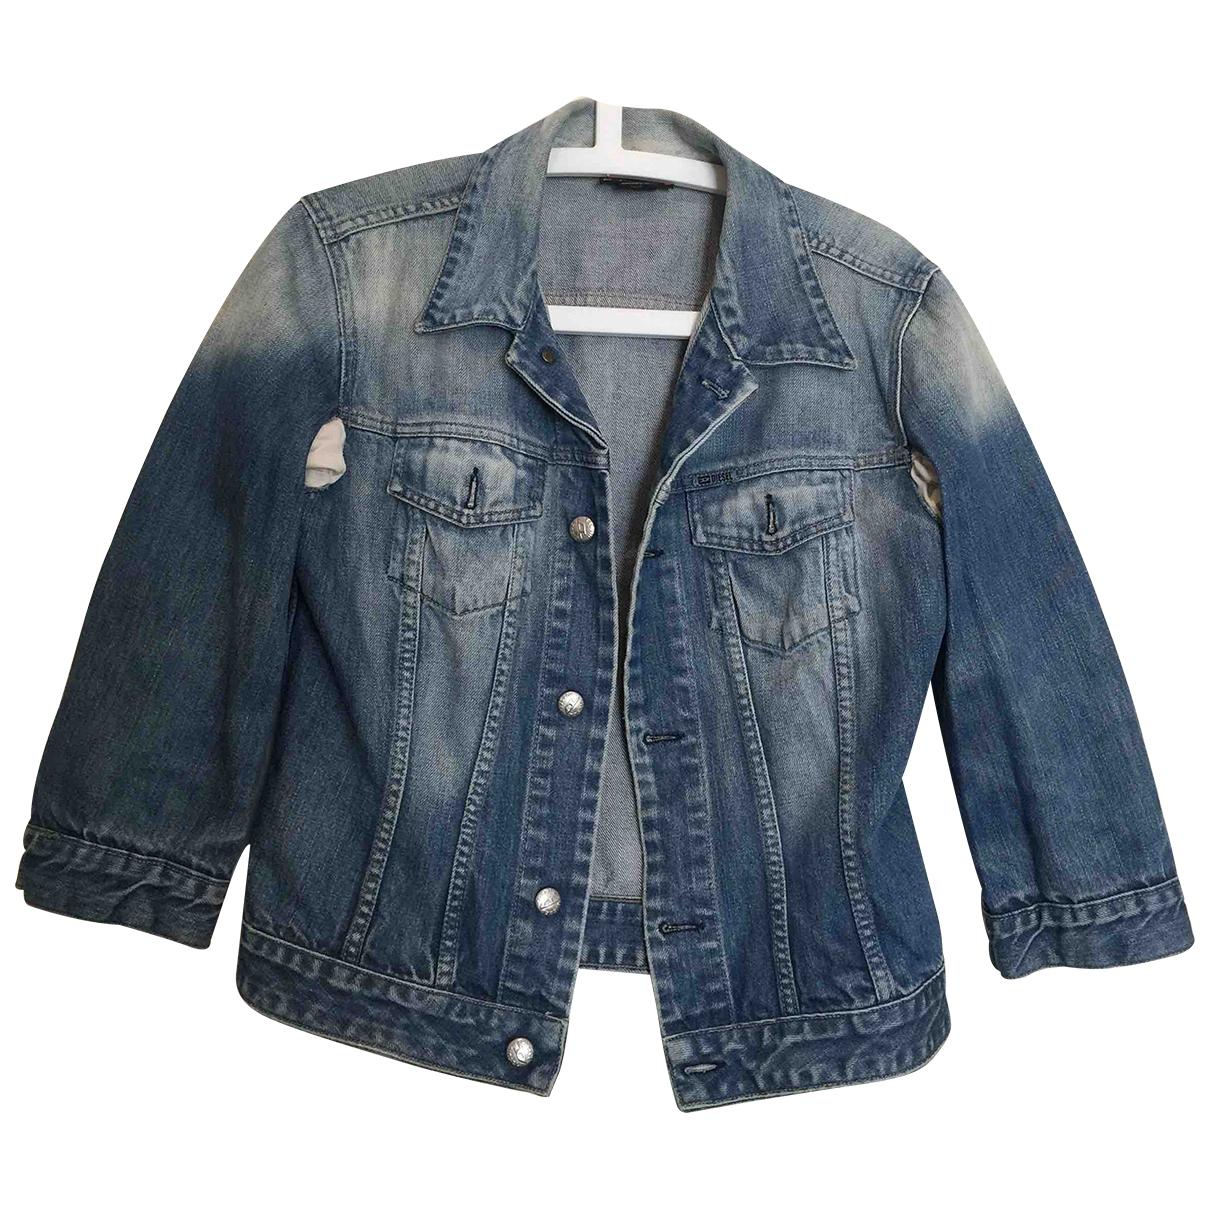 Diesel \N Jacke in  Blau Denim - Jeans